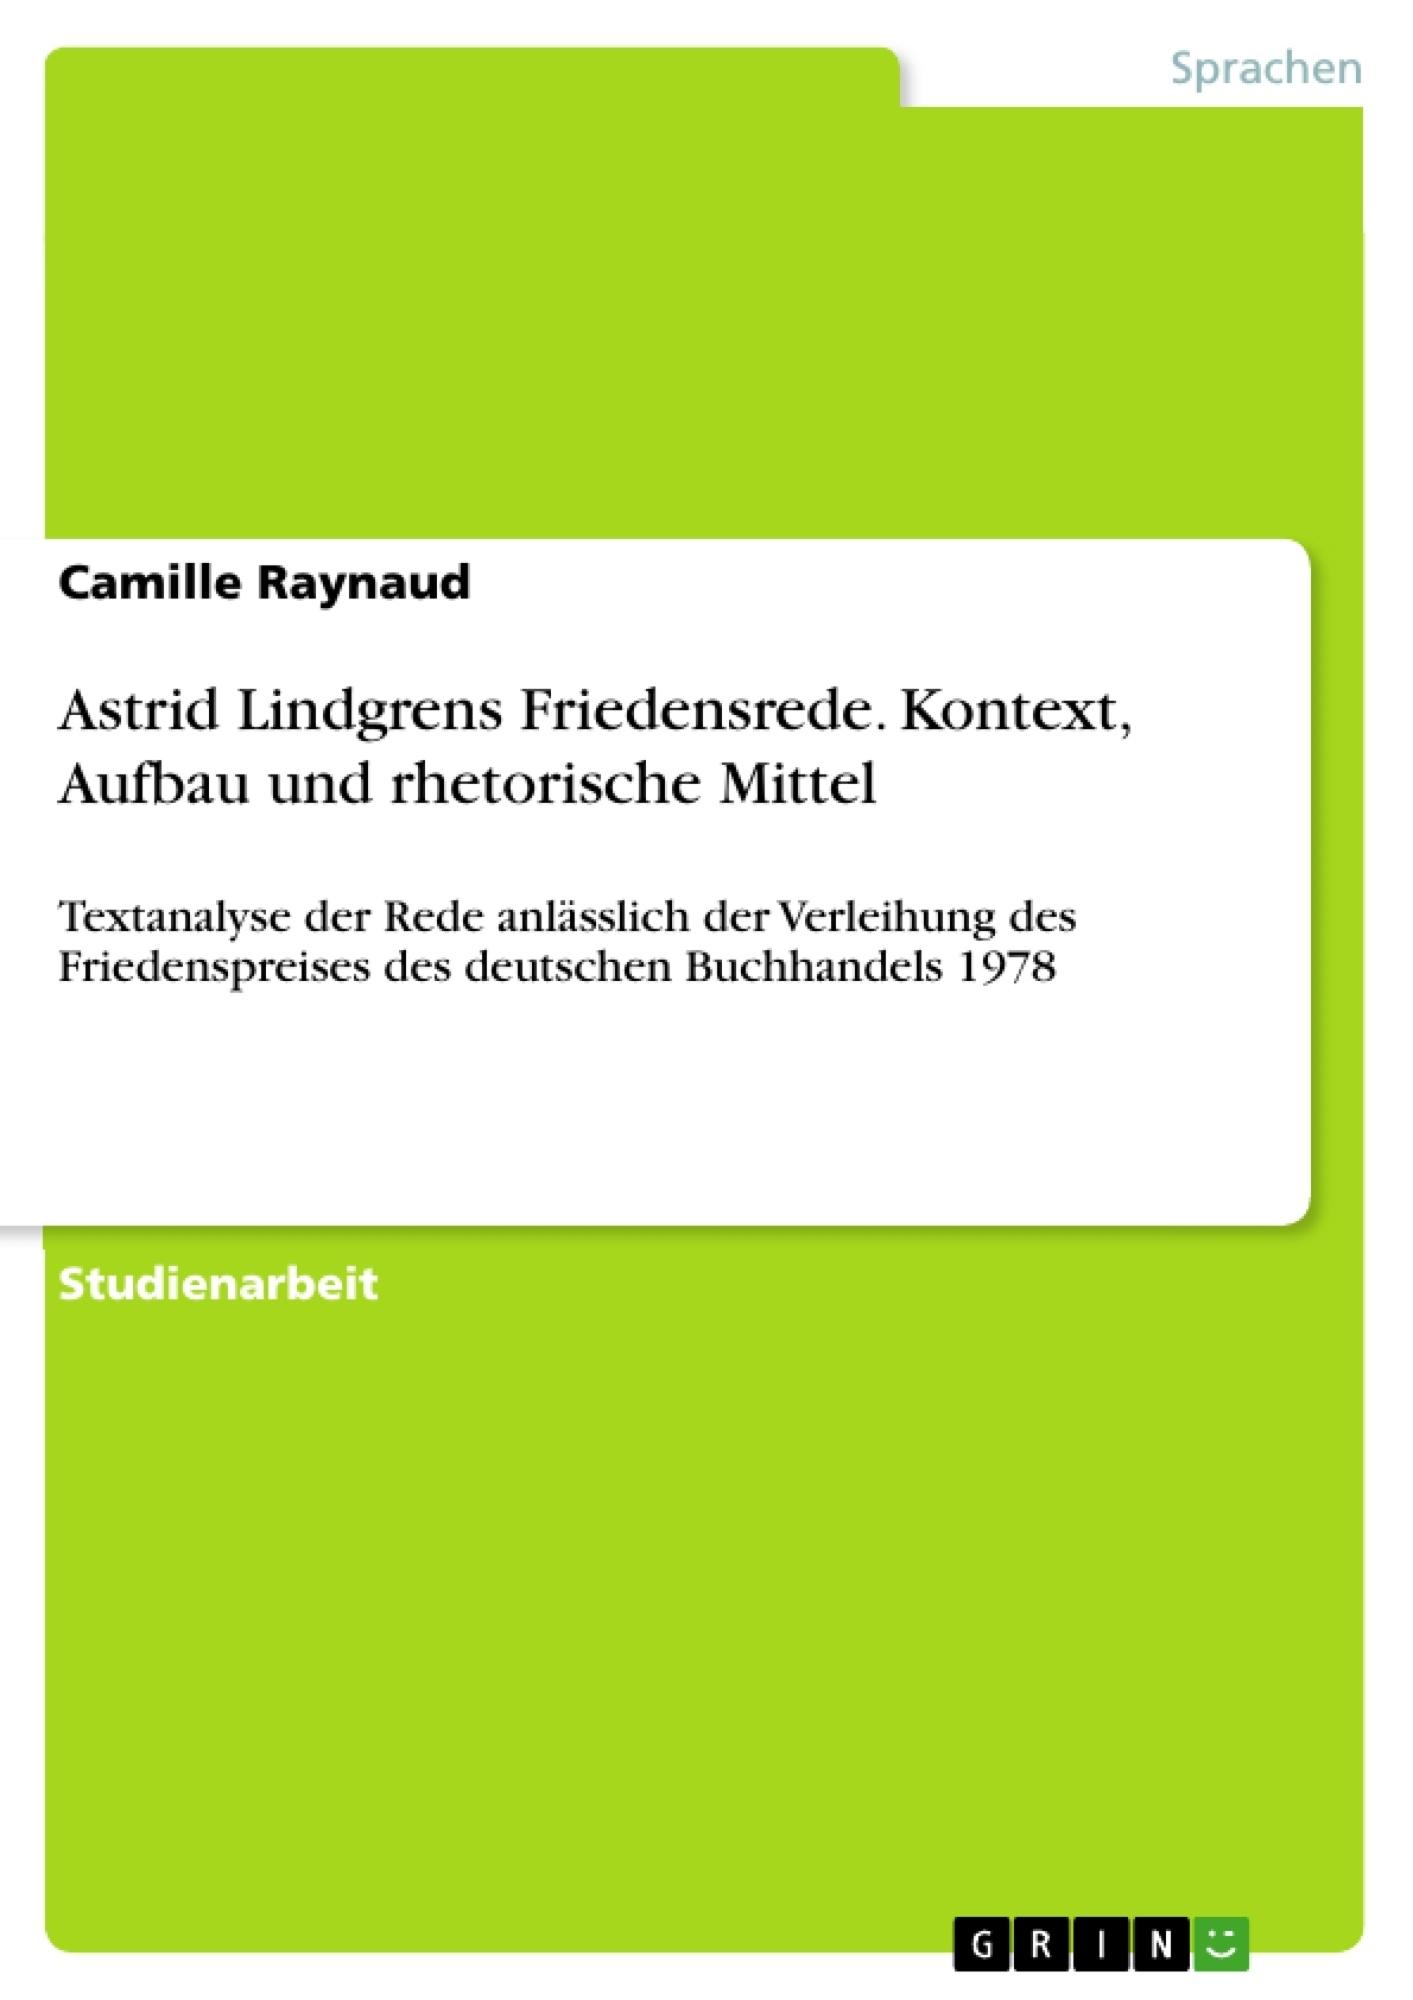 Titel: Astrid Lindgrens Friedensrede. Kontext, Aufbau und rhetorische Mittel